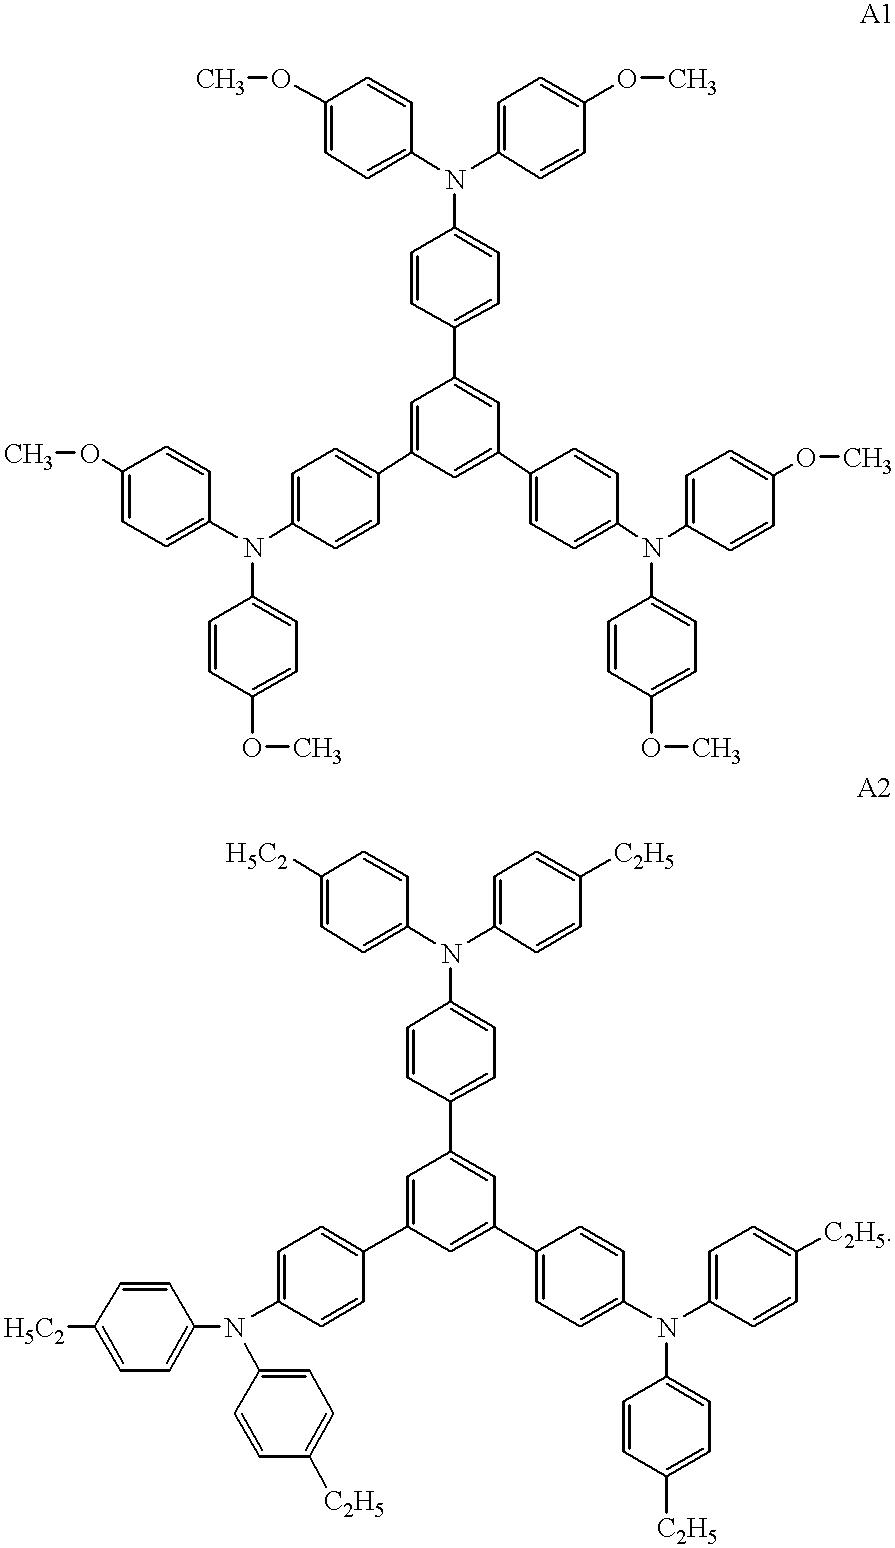 Figure US06368731-20020409-C00003